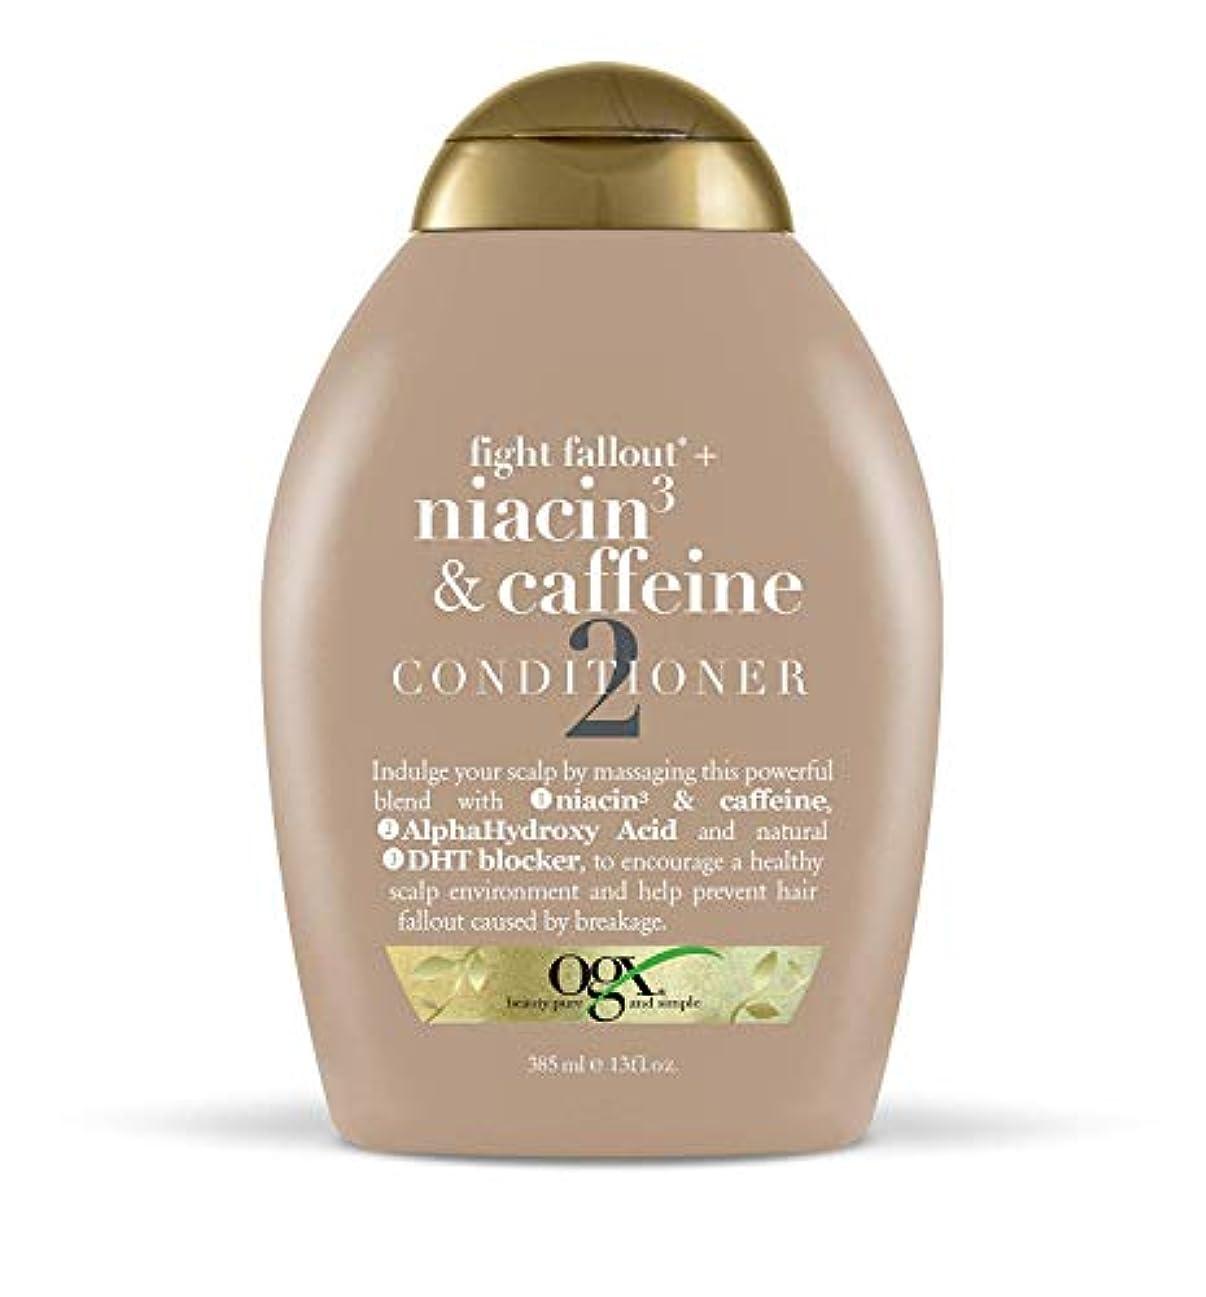 差し控えるスリムチャレンジOGX Conditioner Niacin 3 & Caffeine 13oz コンディショナー ナイアシン 3 & カフェイン 385 ml [並行輸入品]